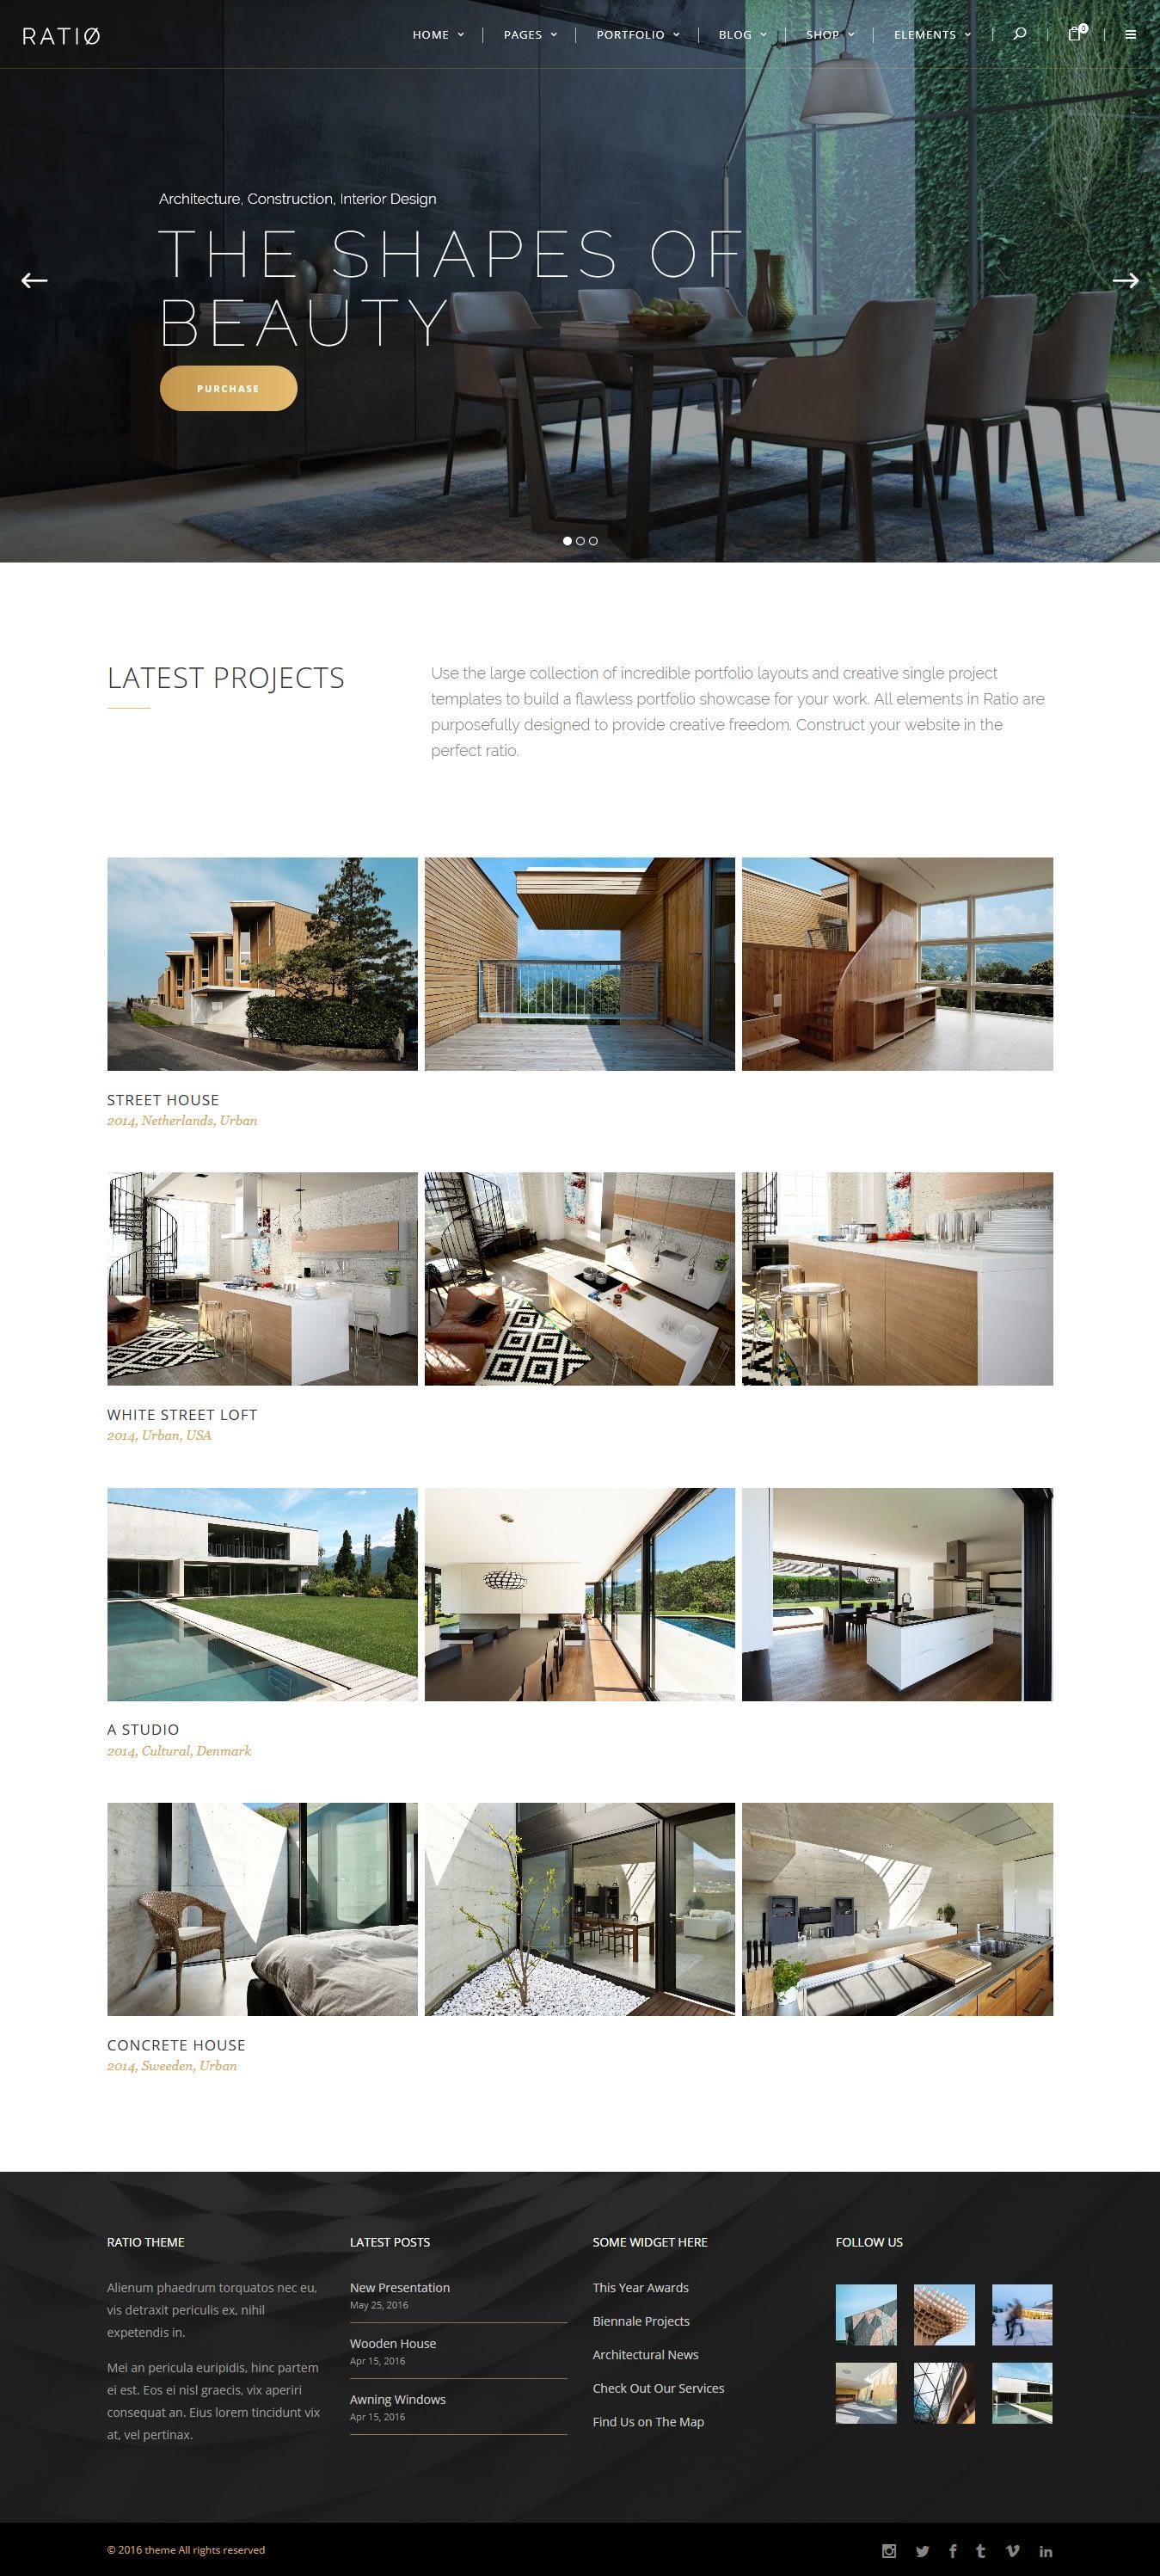 Ratio - Best Premium Interior Design WordPress Theme